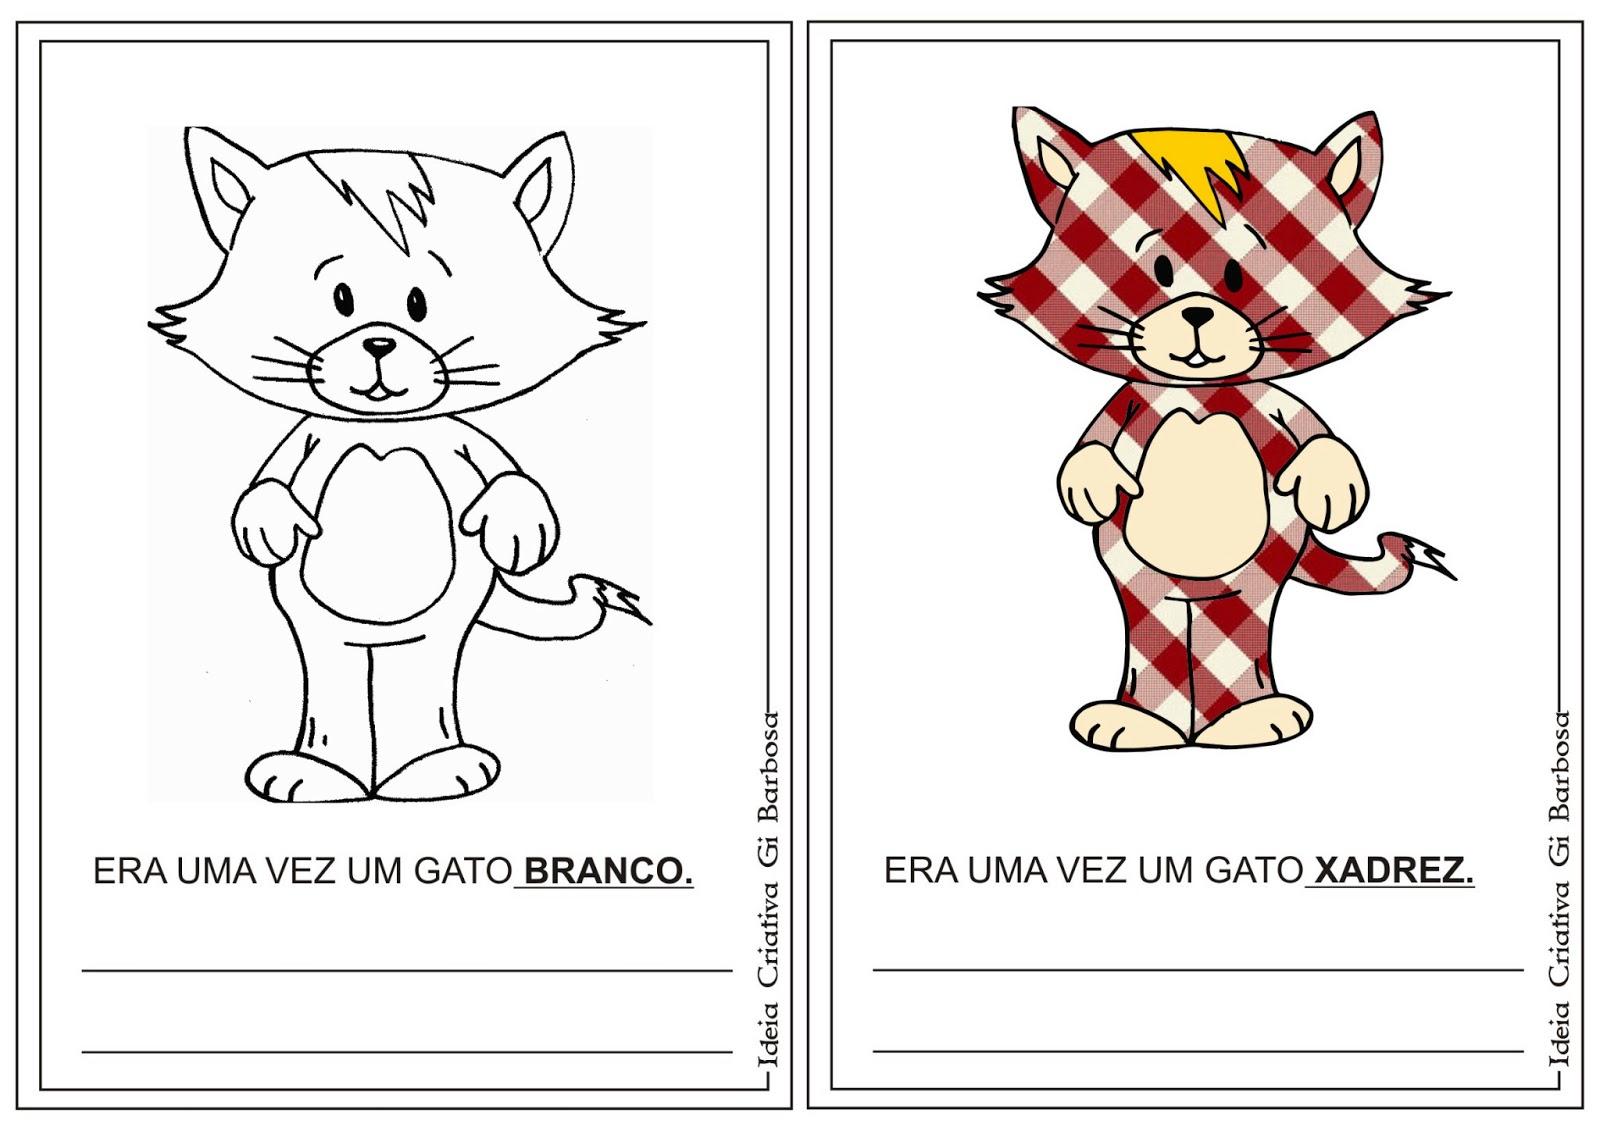 Rossana: Montar o livro Era uma vez um gato xadrez Bia Villela #CAA601 1600 1131